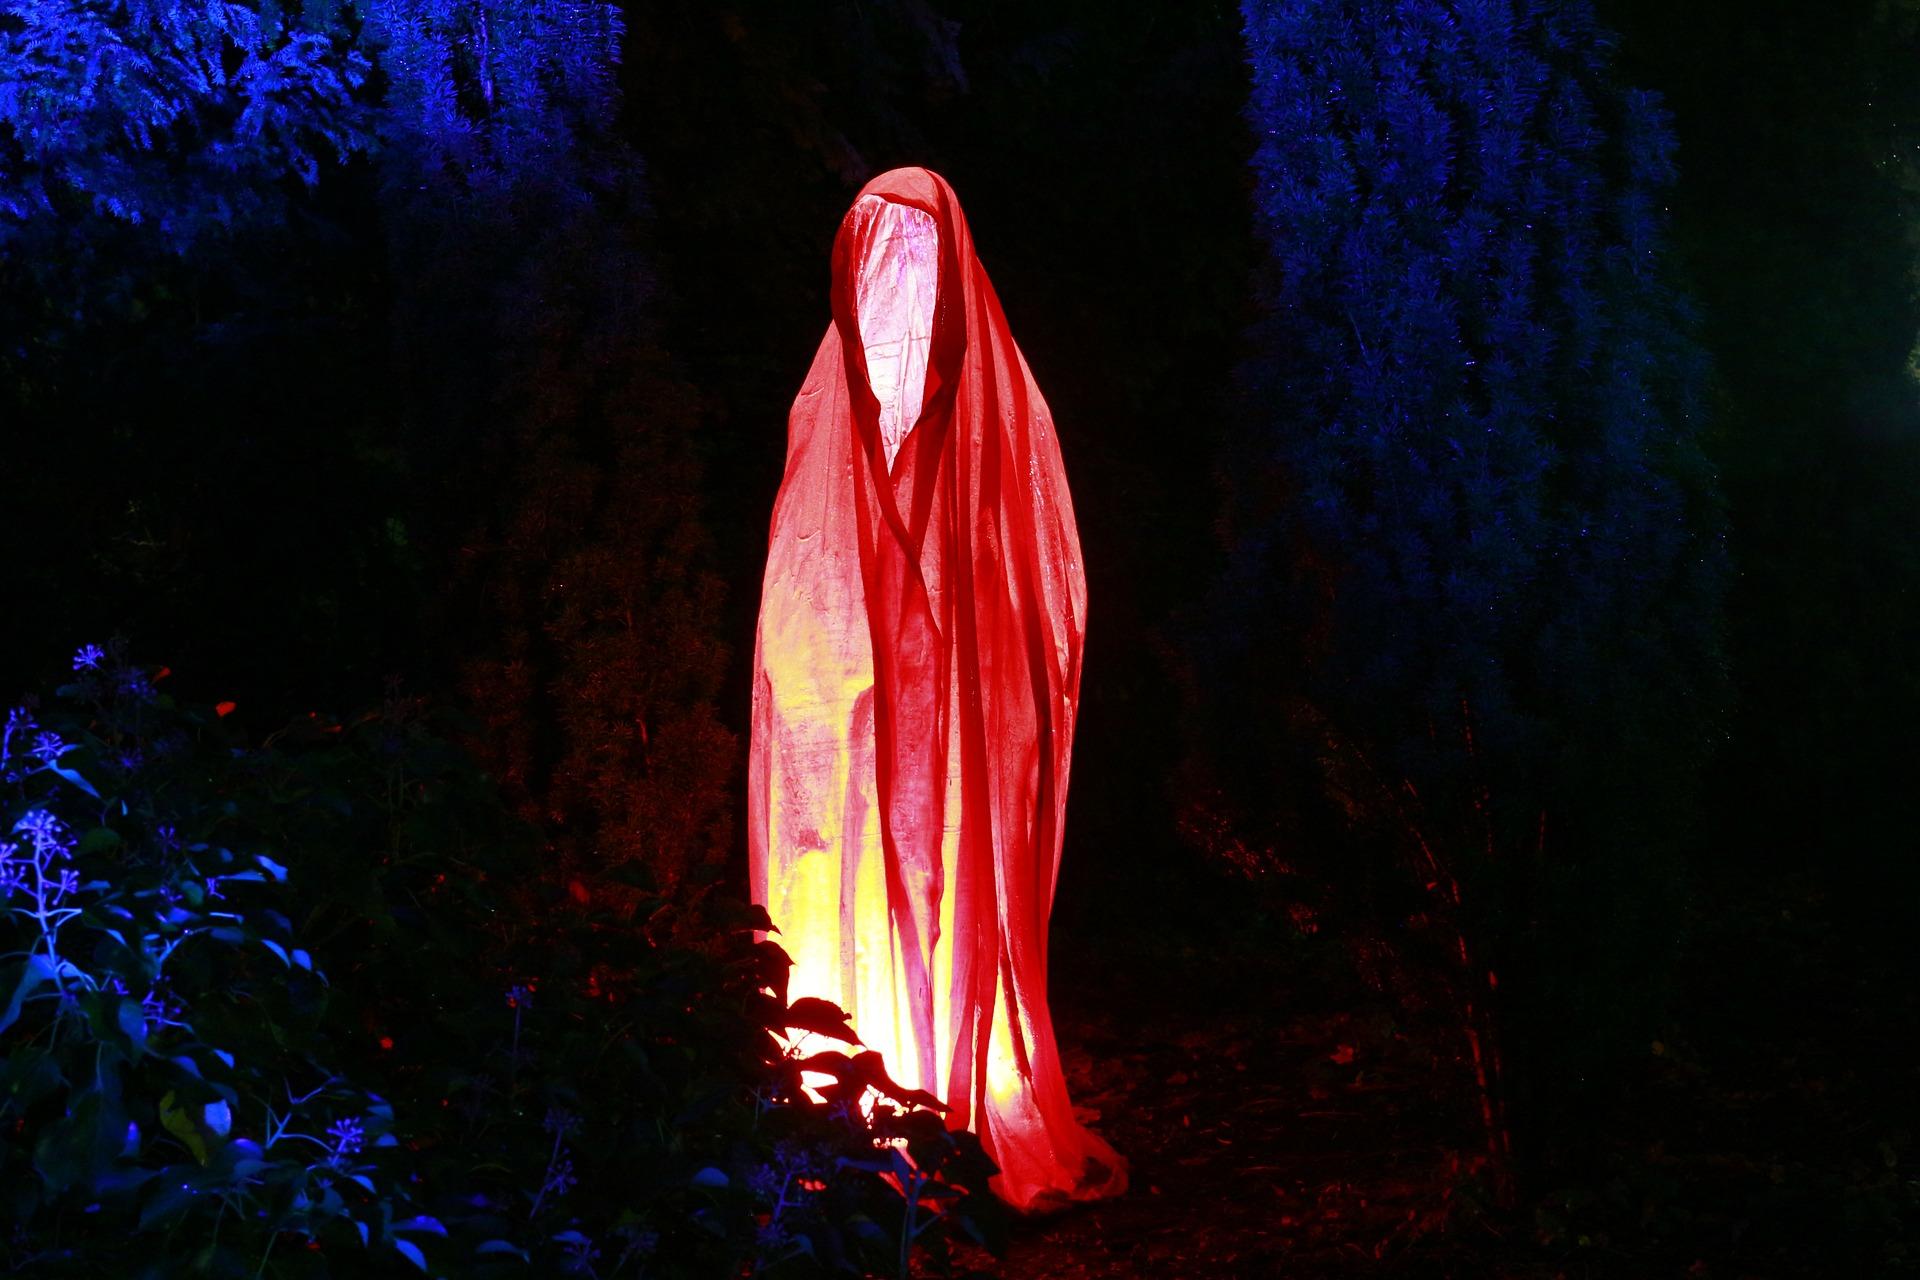 Especial del Terror Fantasma luminoso 1